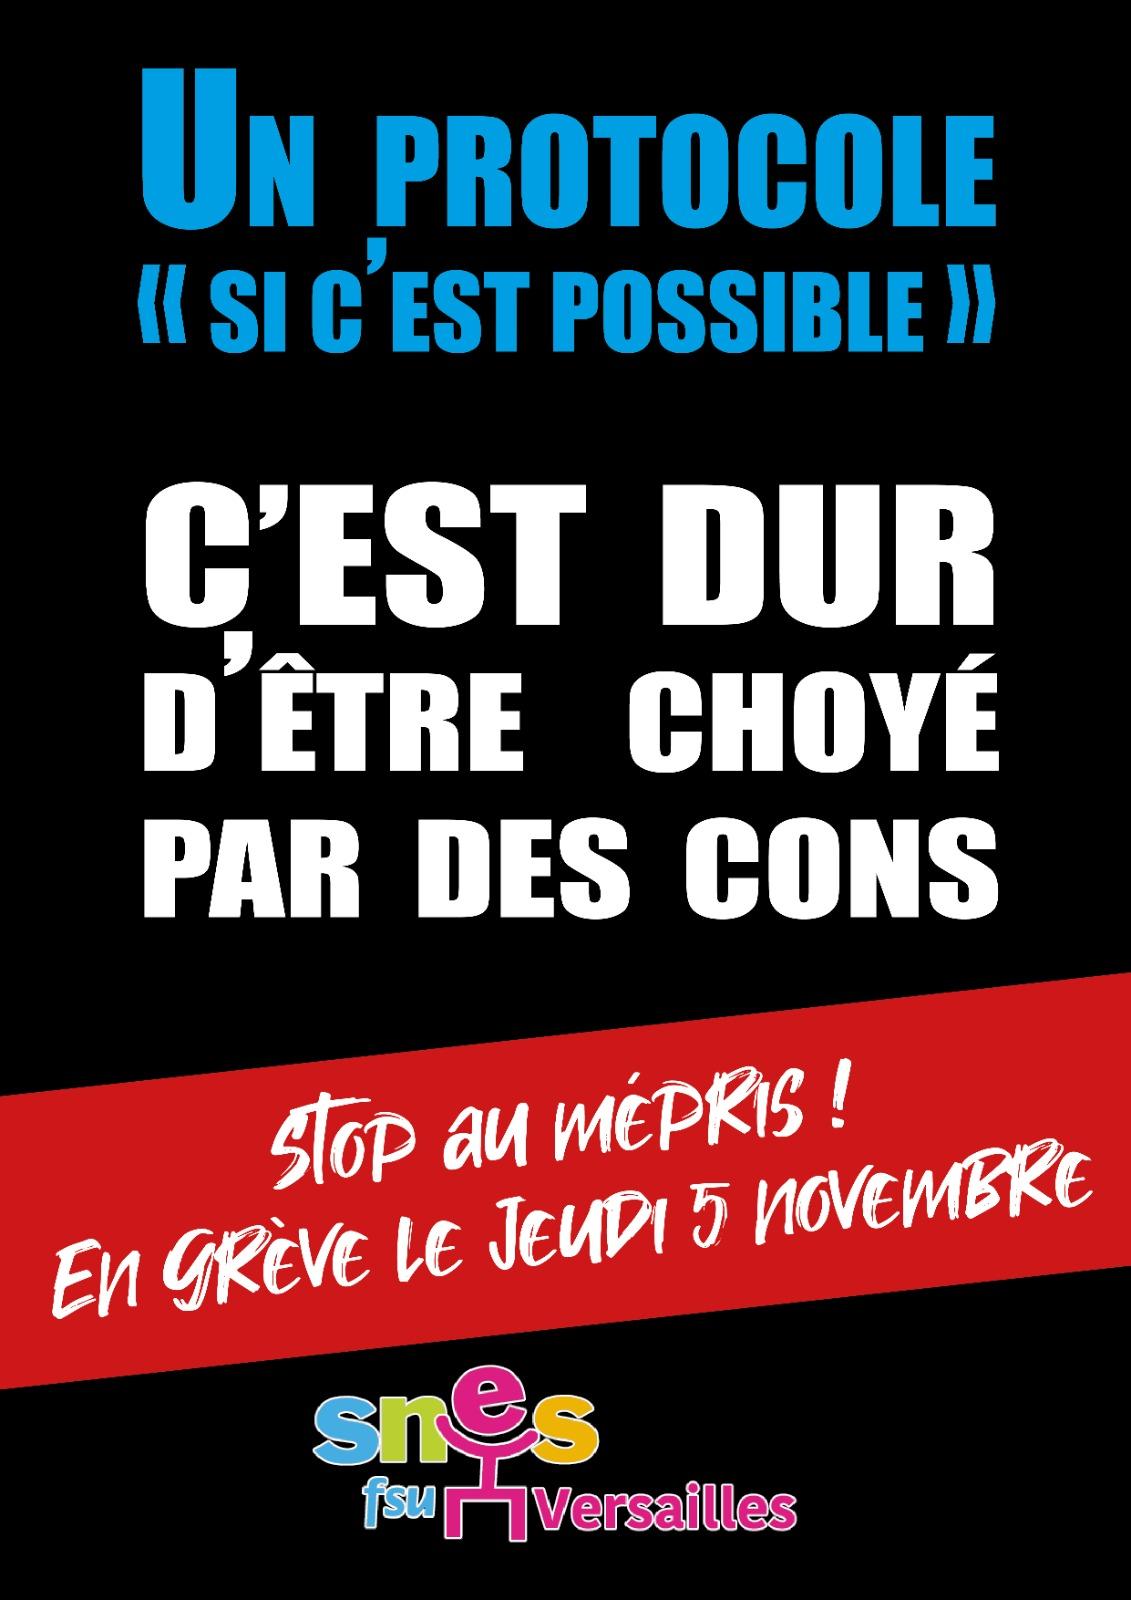 Qui fait grève aujourd'hui ? - Page 4 Protocole_si_c_est_possible